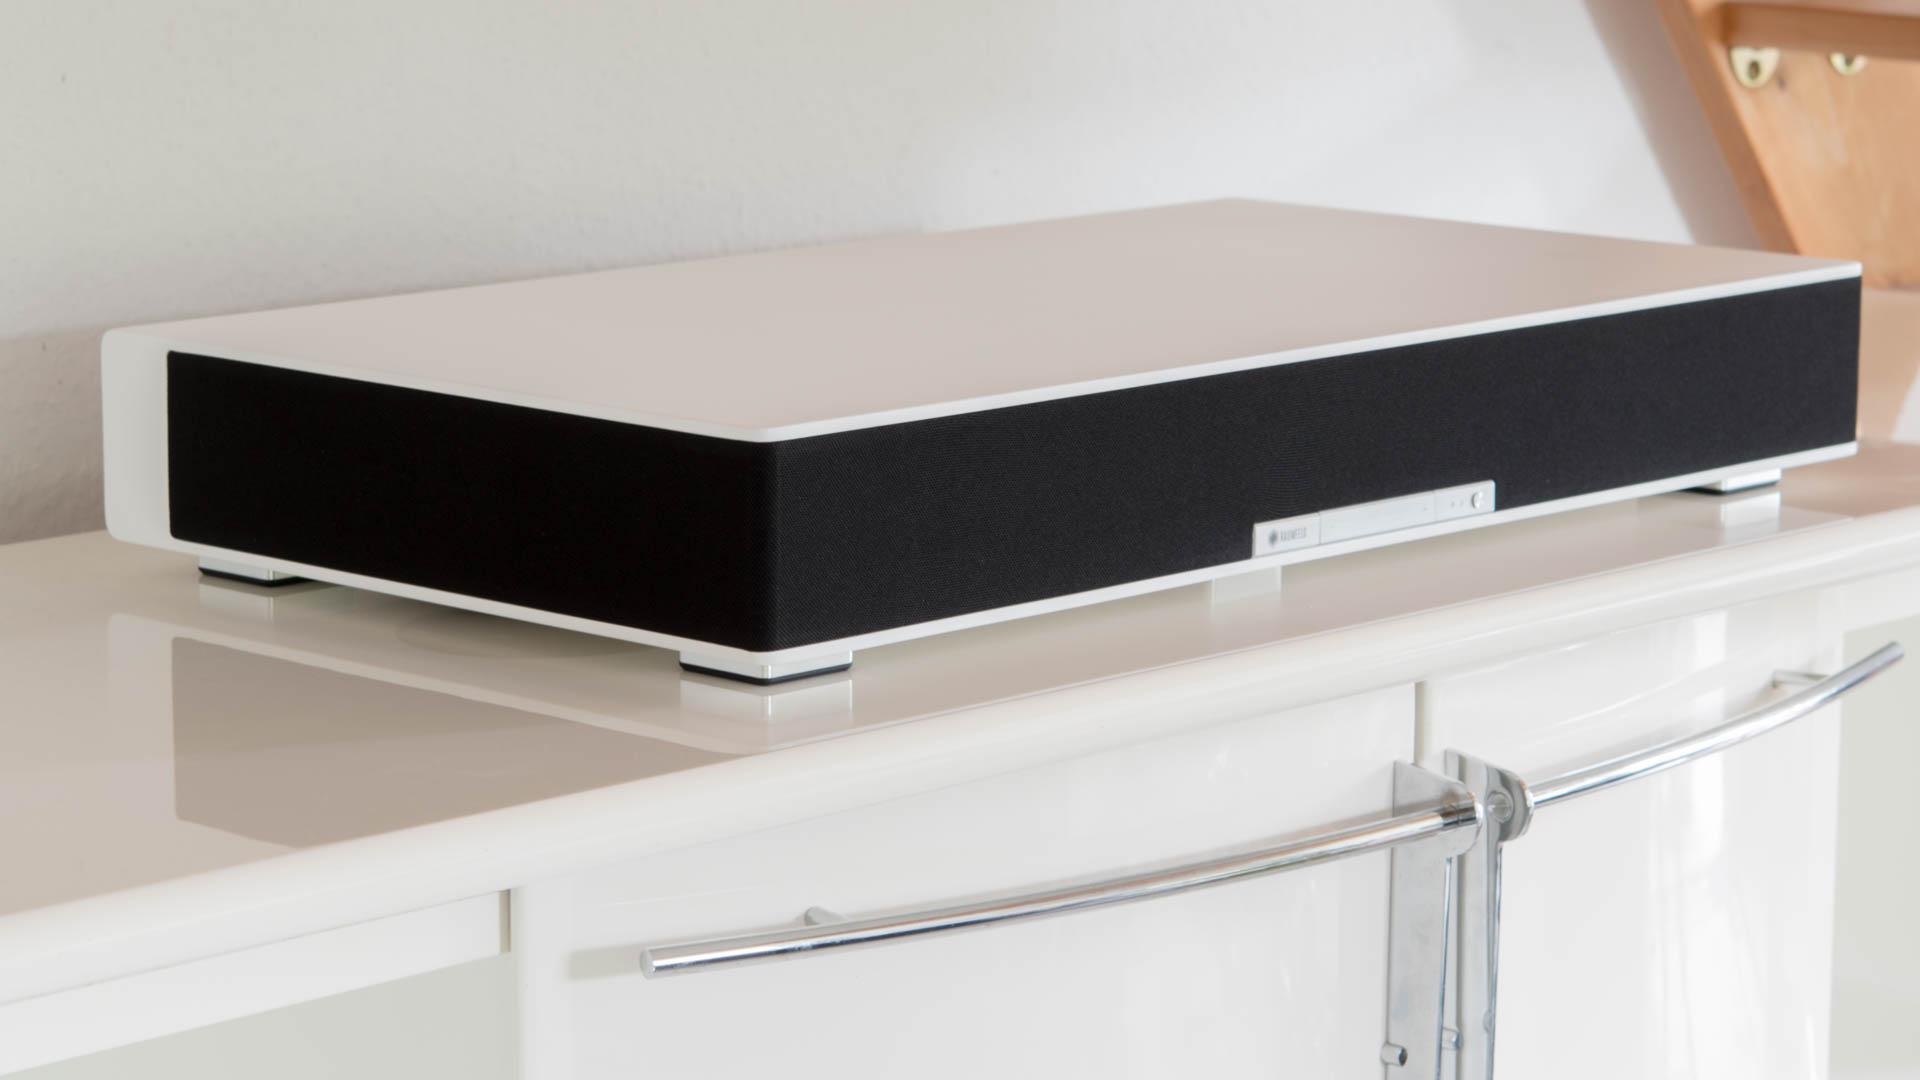 blaupunkt ls 181 2 1 soundboard mit integriertem subwoofer. Black Bedroom Furniture Sets. Home Design Ideas